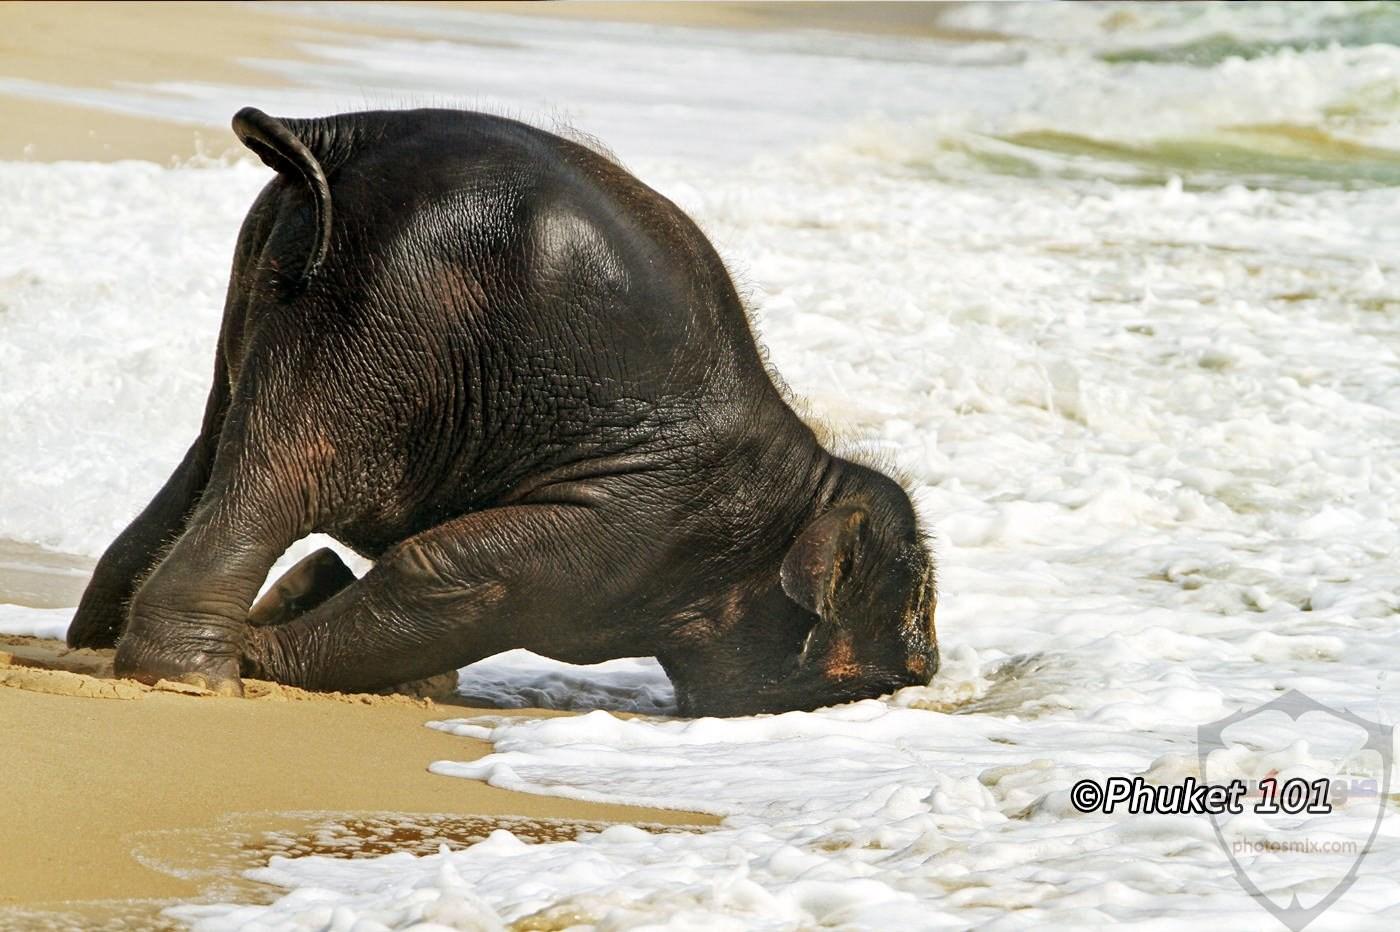 صور الفيل لمحبي الحيوانات وخصوصا الفيل سنقدم لكم مجموعة صور رائعة وجميلة جدا عن حيوان الفيل 7